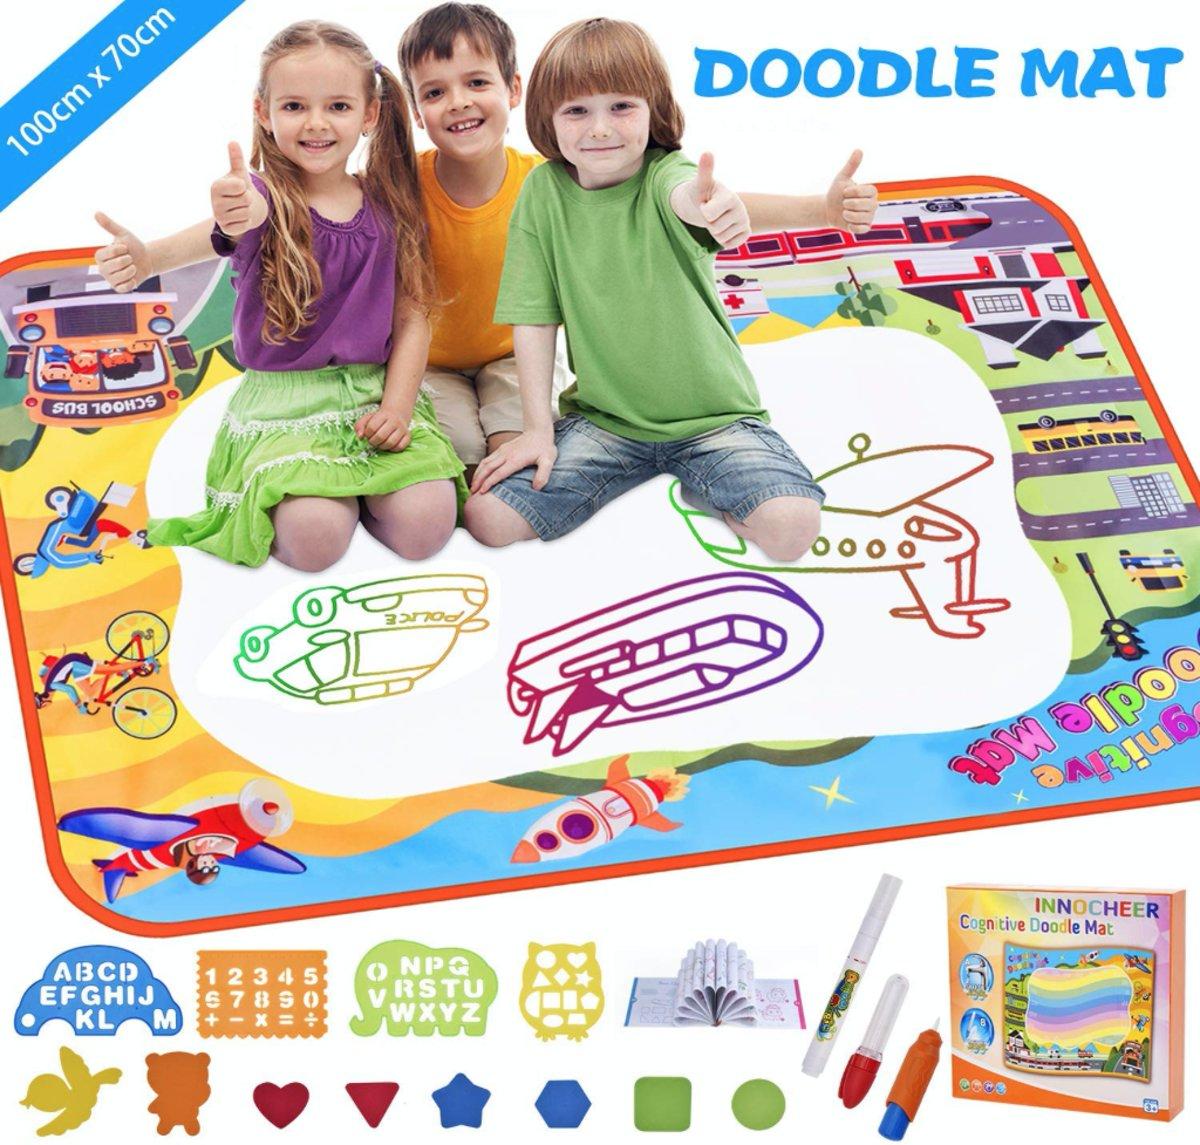 Doodle Mat Aqua Magic Tekenmat Kleuren Colors Water Magisch Tekenen Kids Kinderen Spelen Leren Spel Cadeau Verjaardag Geschenk kopen